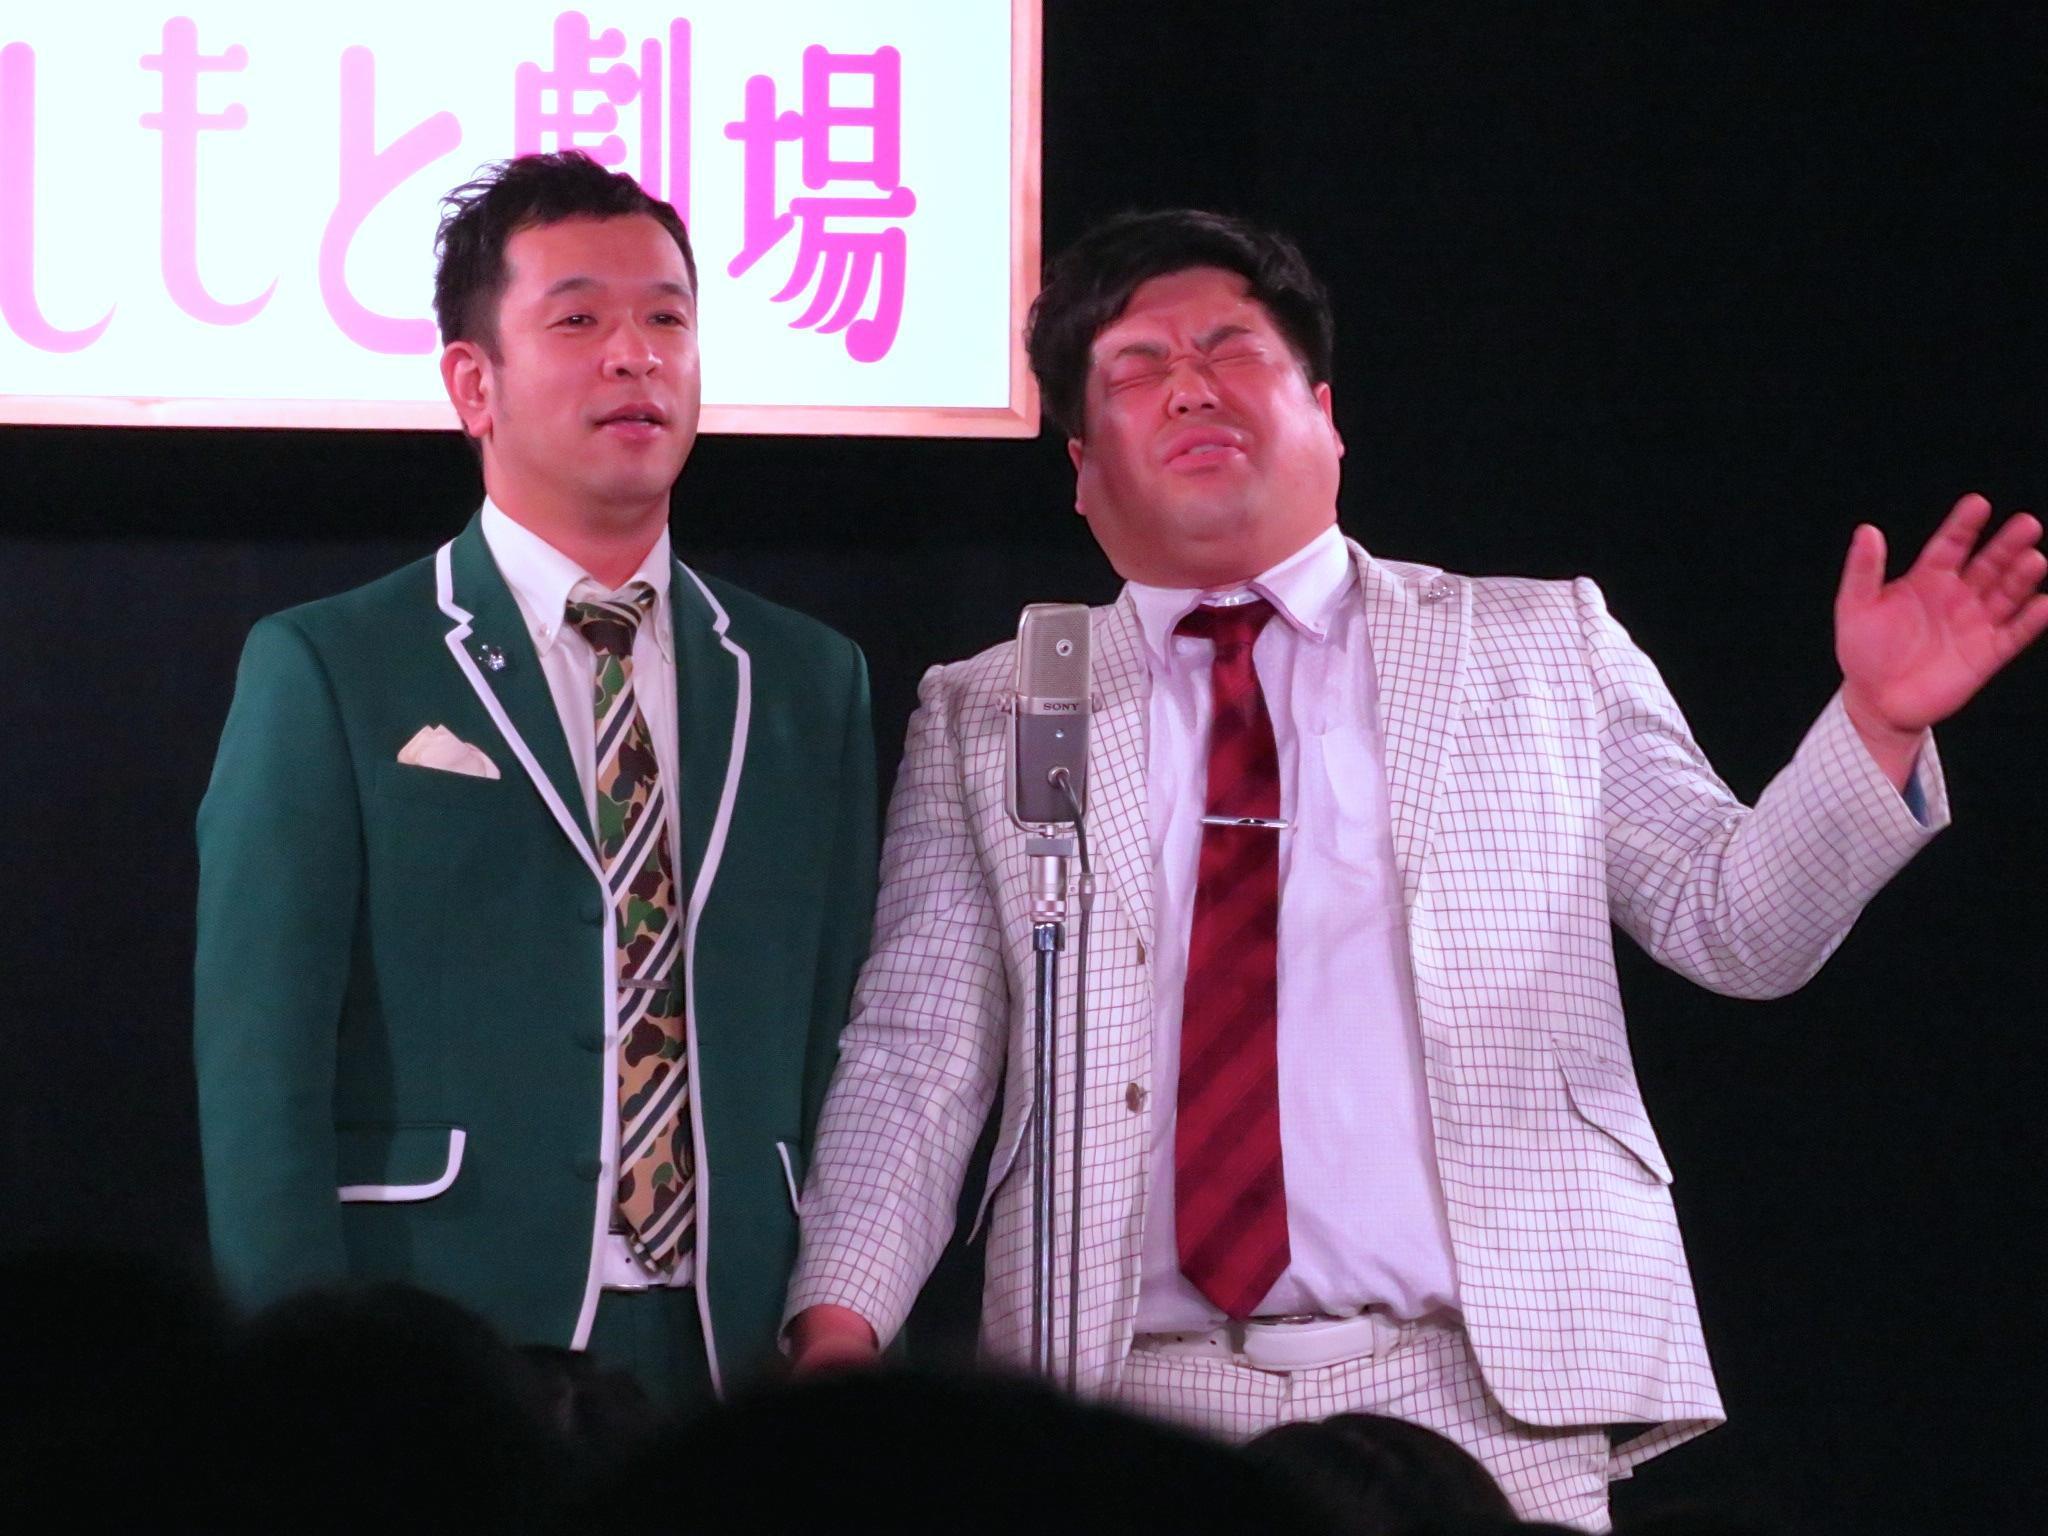 http://news.yoshimoto.co.jp/20171230223127-2891d4f81d7181d14dd422d6e3f943e11394e1c2.jpg